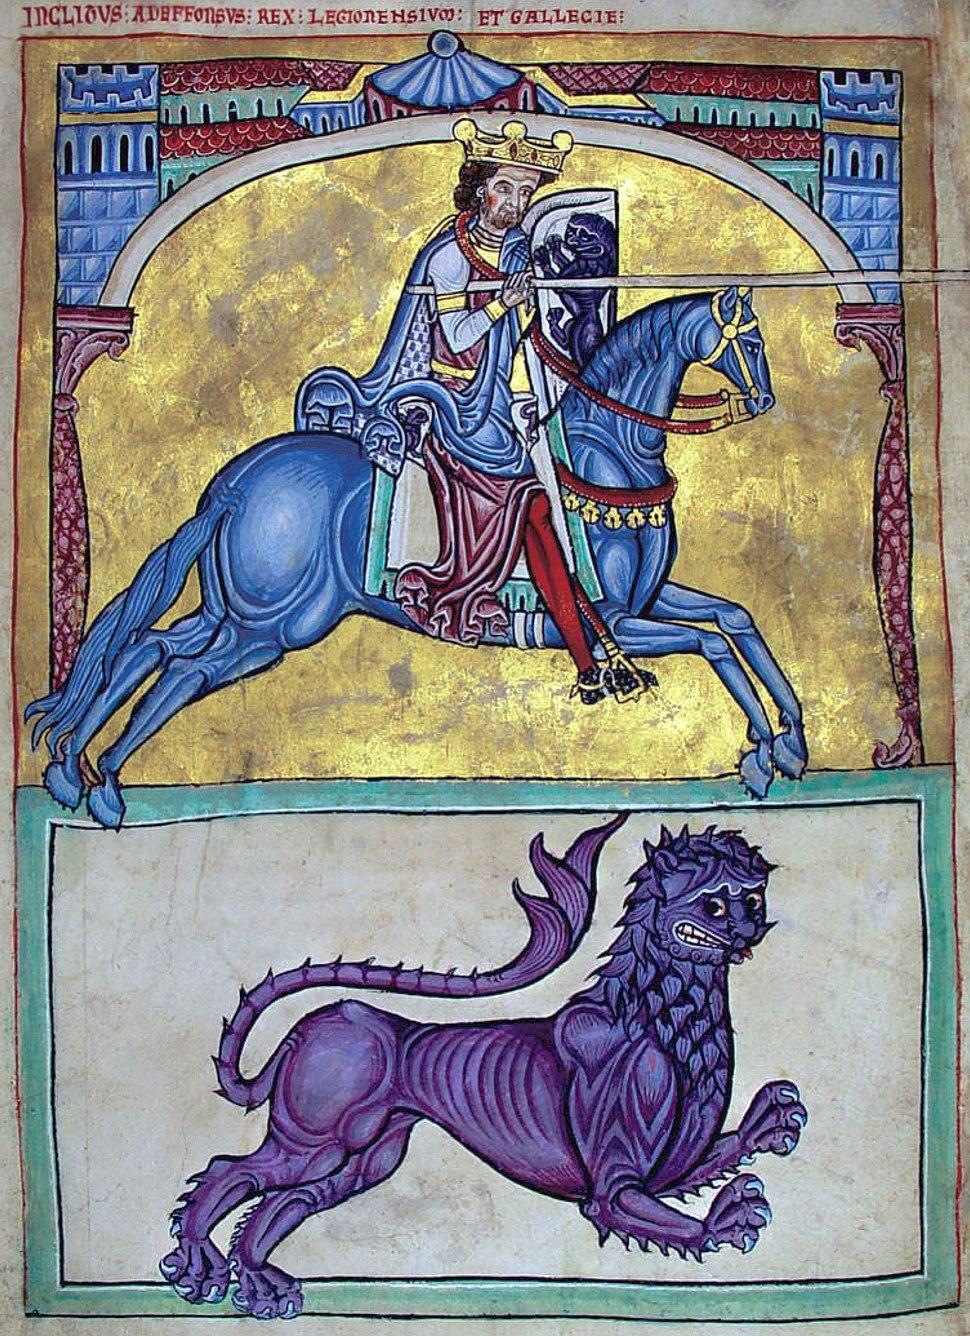 Adeffonsus rex legionensium et gallecie